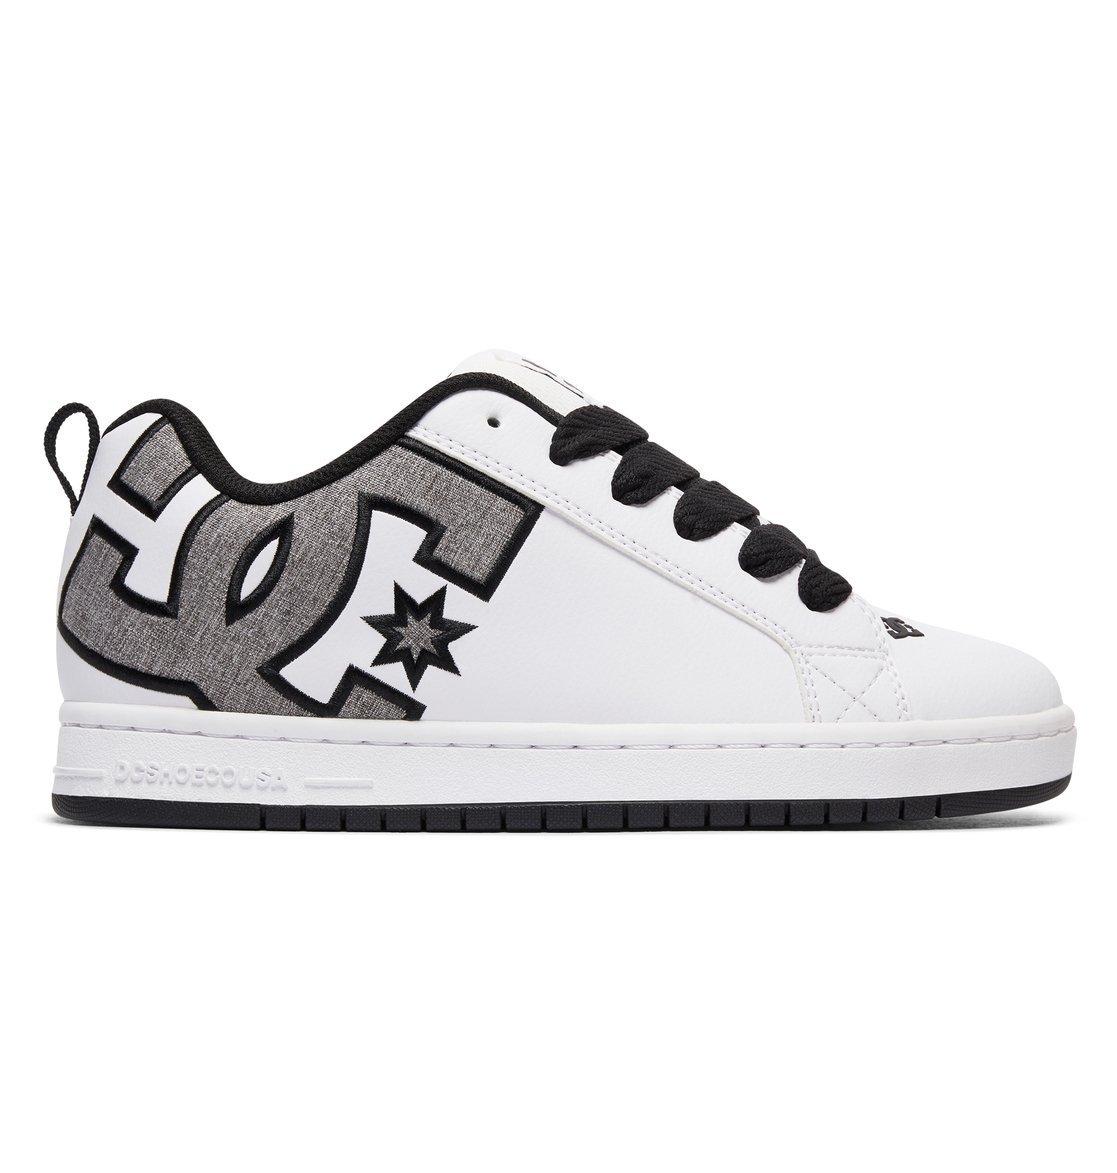 DC Shoes Mens Court Graffik SE Fashion Trainer